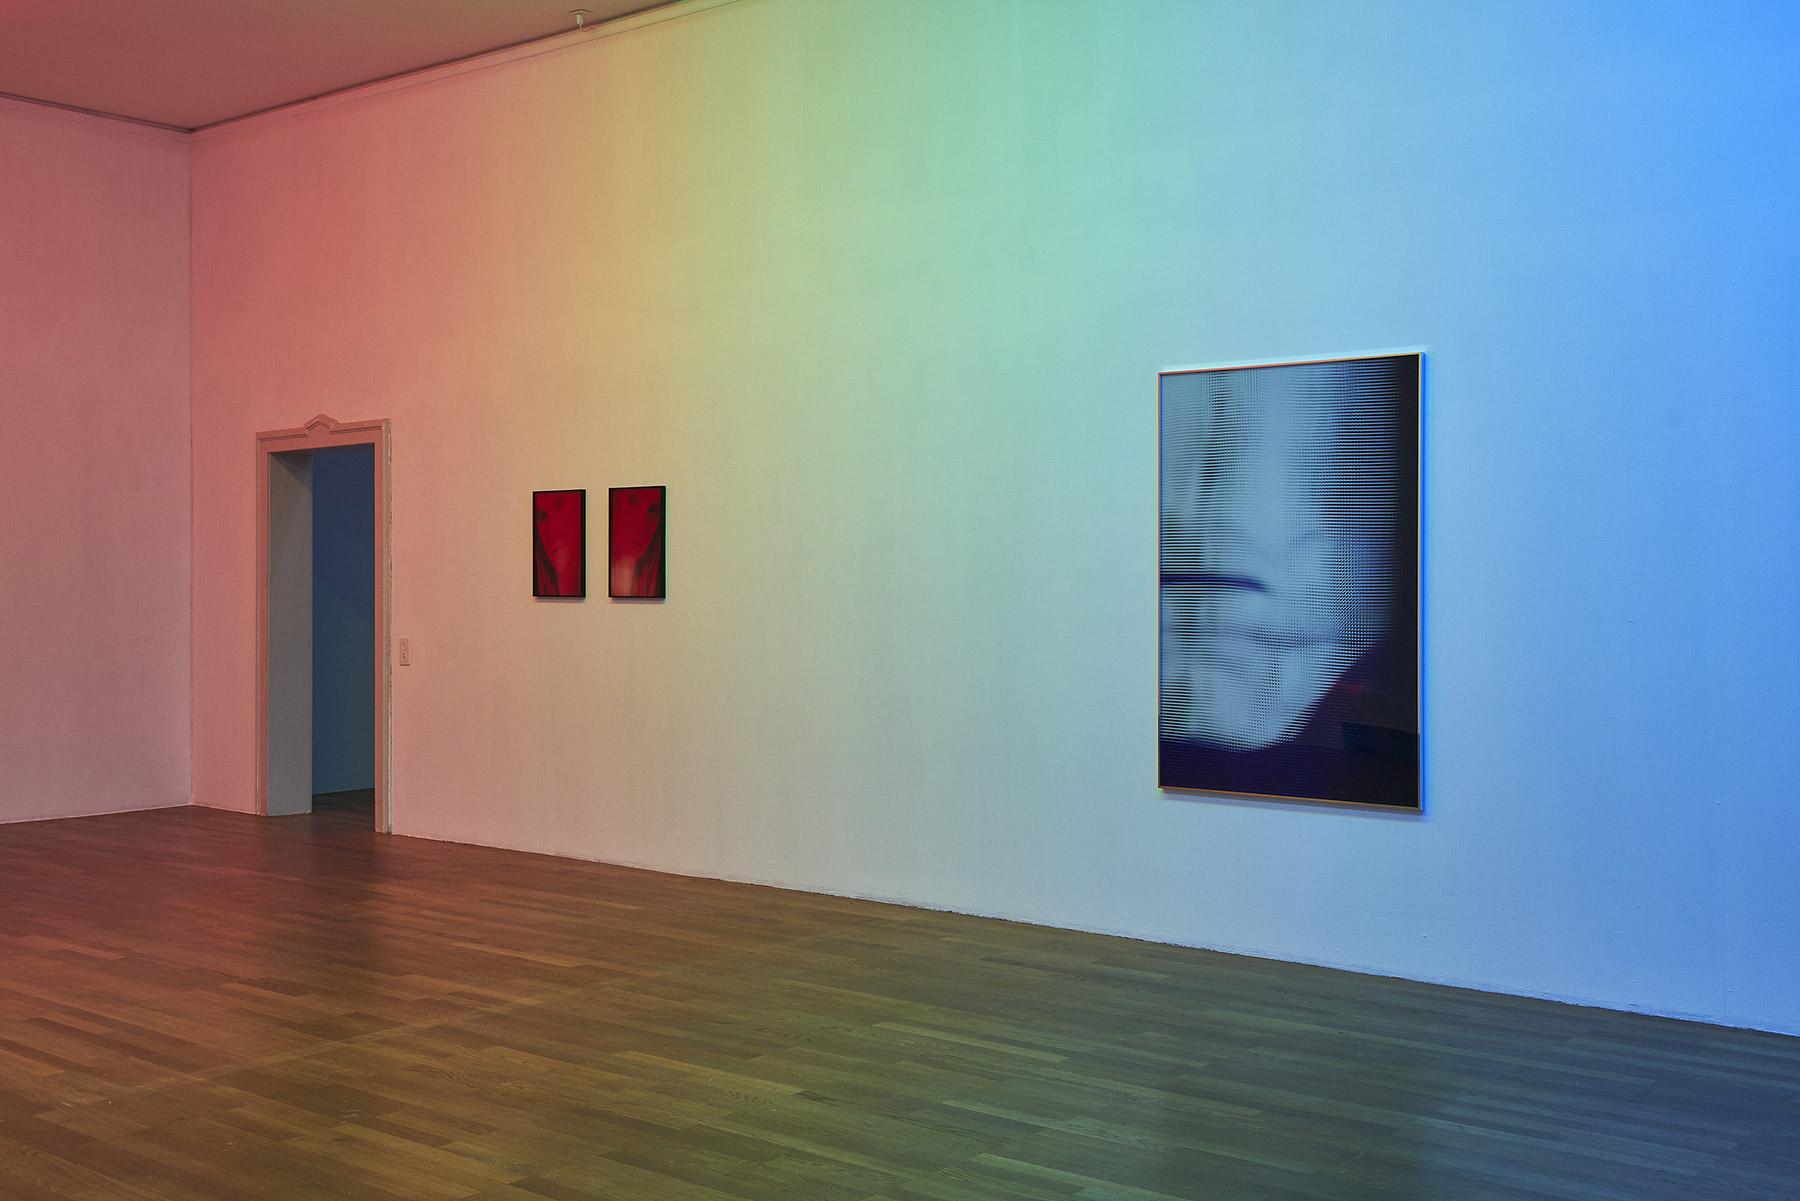 Kunsthalle-Winterthur-Michael-Etzensperger-2.jpg